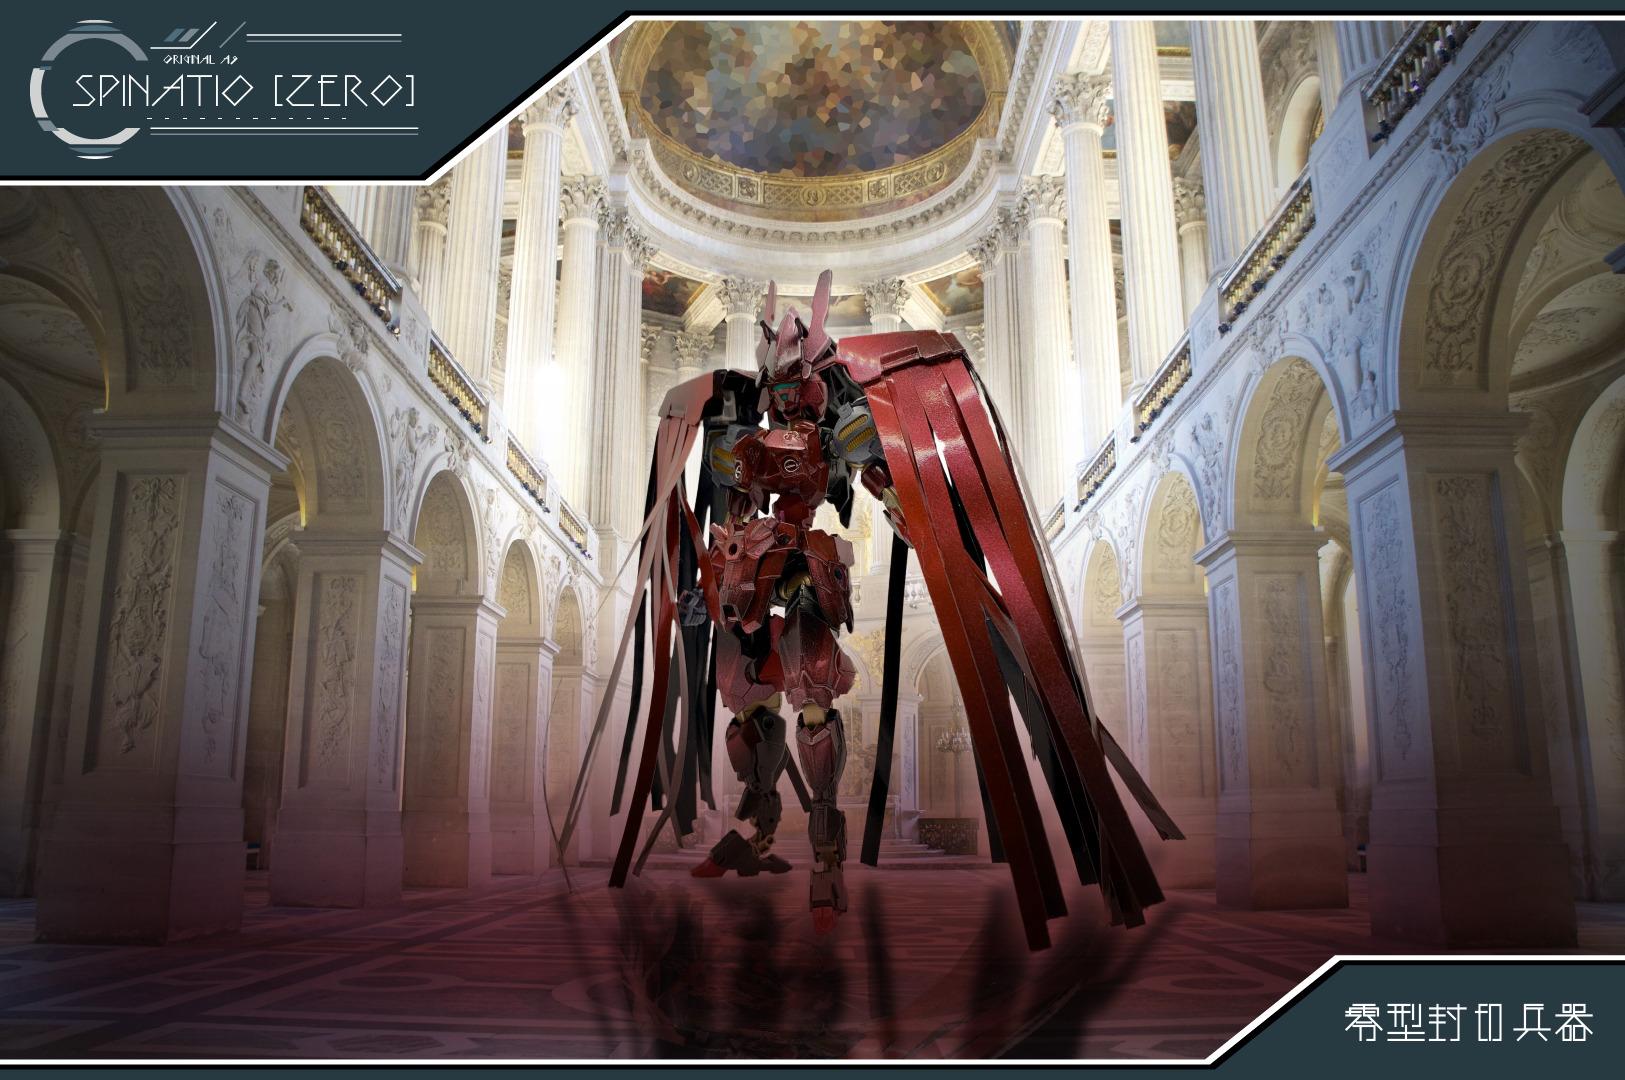 スピナティオ【ZERO】式典用装備